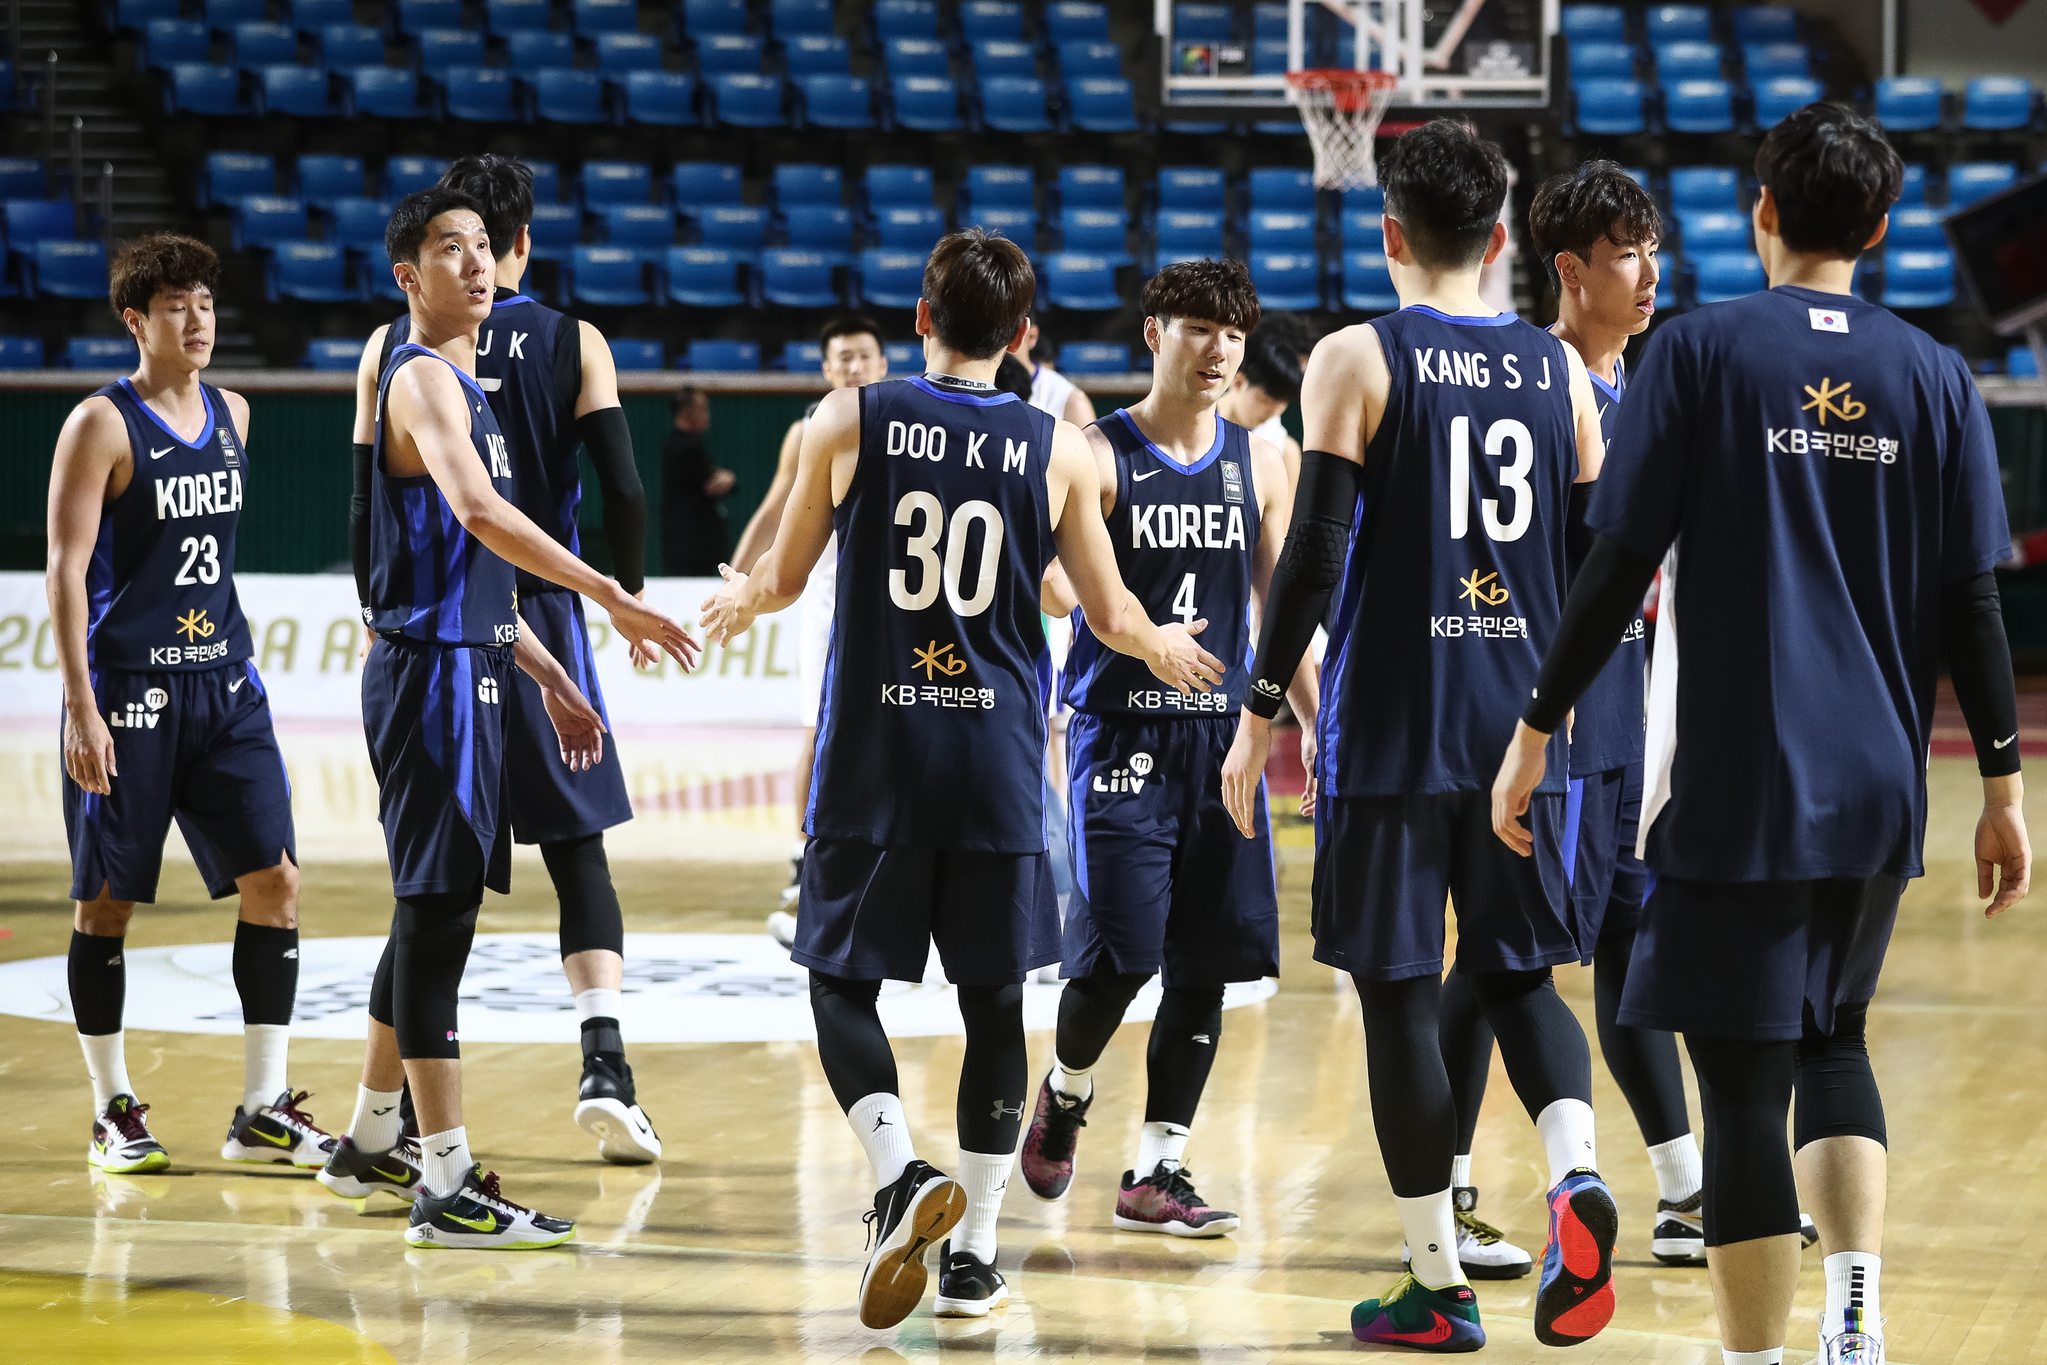 한국남자농구대표팀 선수들이 지난해 2월 서울 잠실학생체육관에서 열린 아시아컵 태국전에서 승리한 뒤 악수를 나누고 있다. [뉴스1]